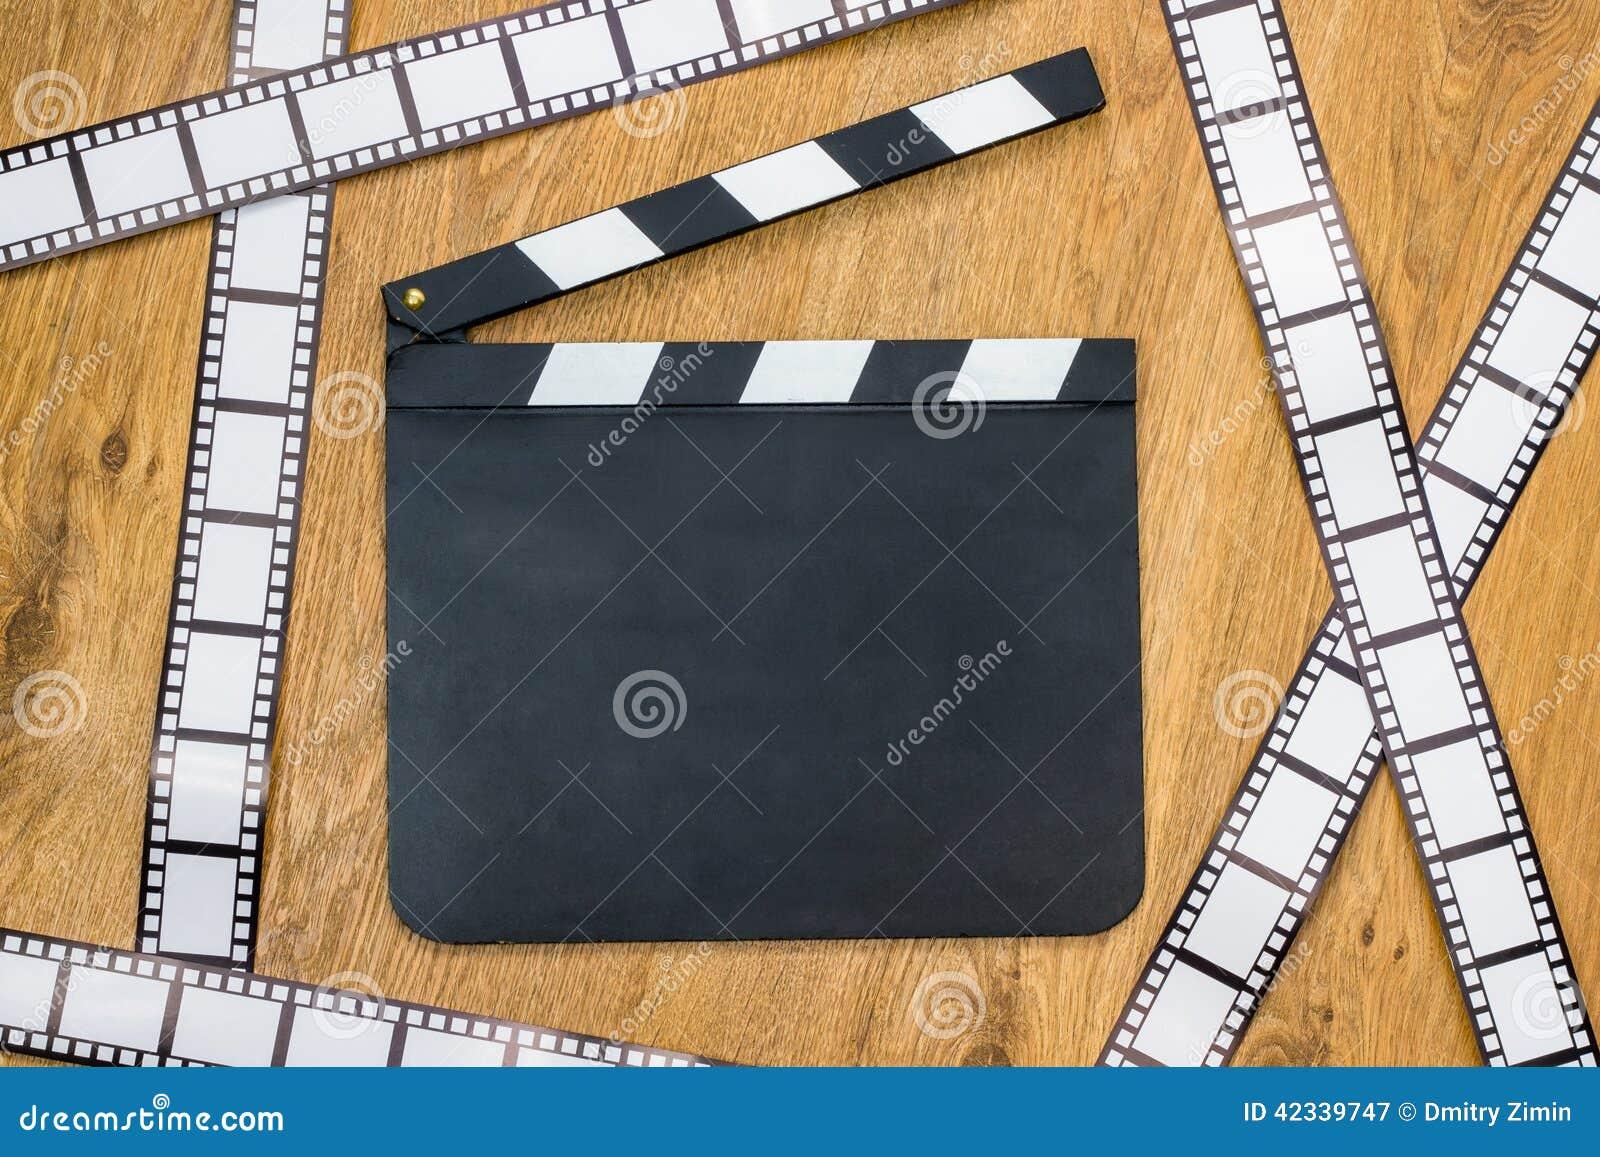 blank film slate - photo #10